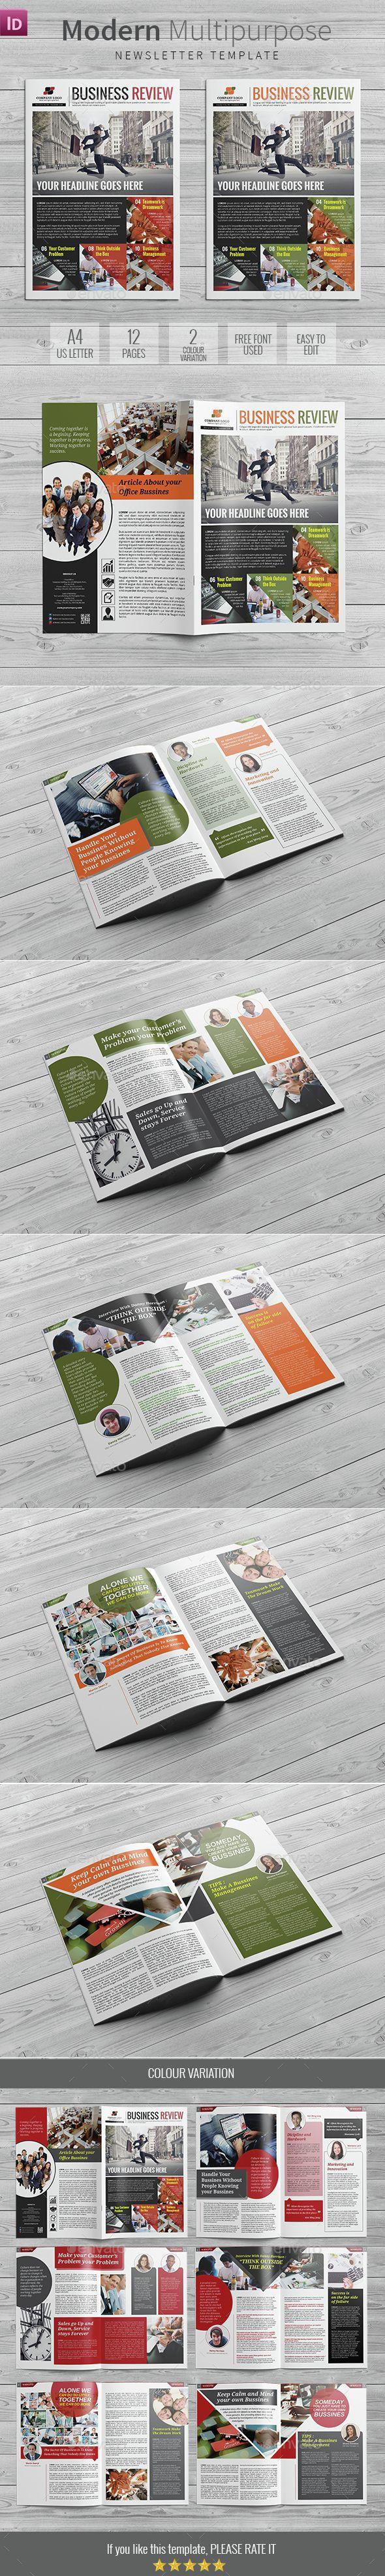 Modern Multipurpose Newsletter - Newsletters Print Templates                                                                                                                                                                                 More